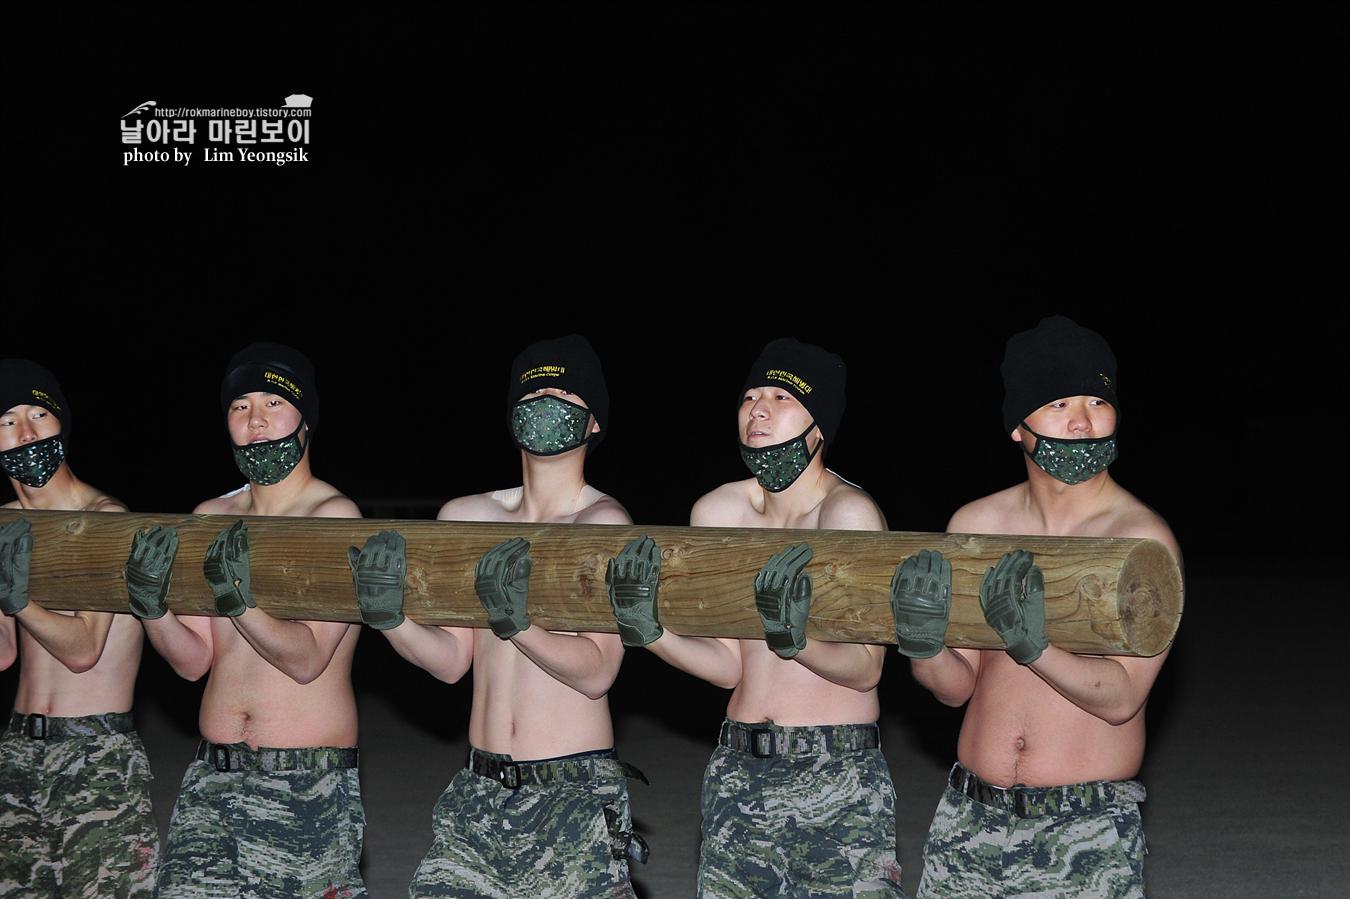 해병대 신병 1255기 극기주 임영식기자_7736.jpg